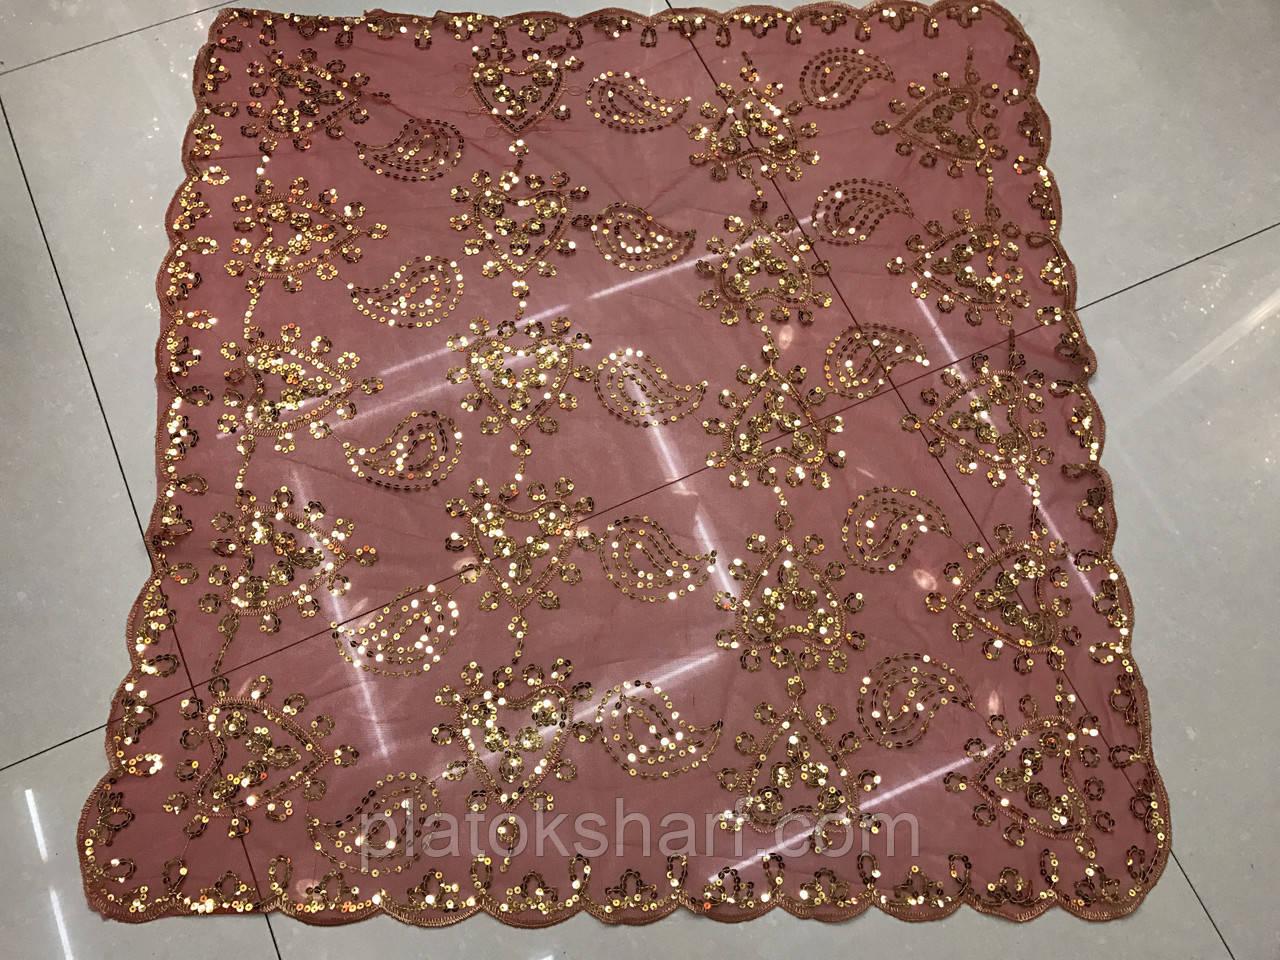 Дорогие платки расшитые Паетками. В упаковке 5(6) Белые и цветные